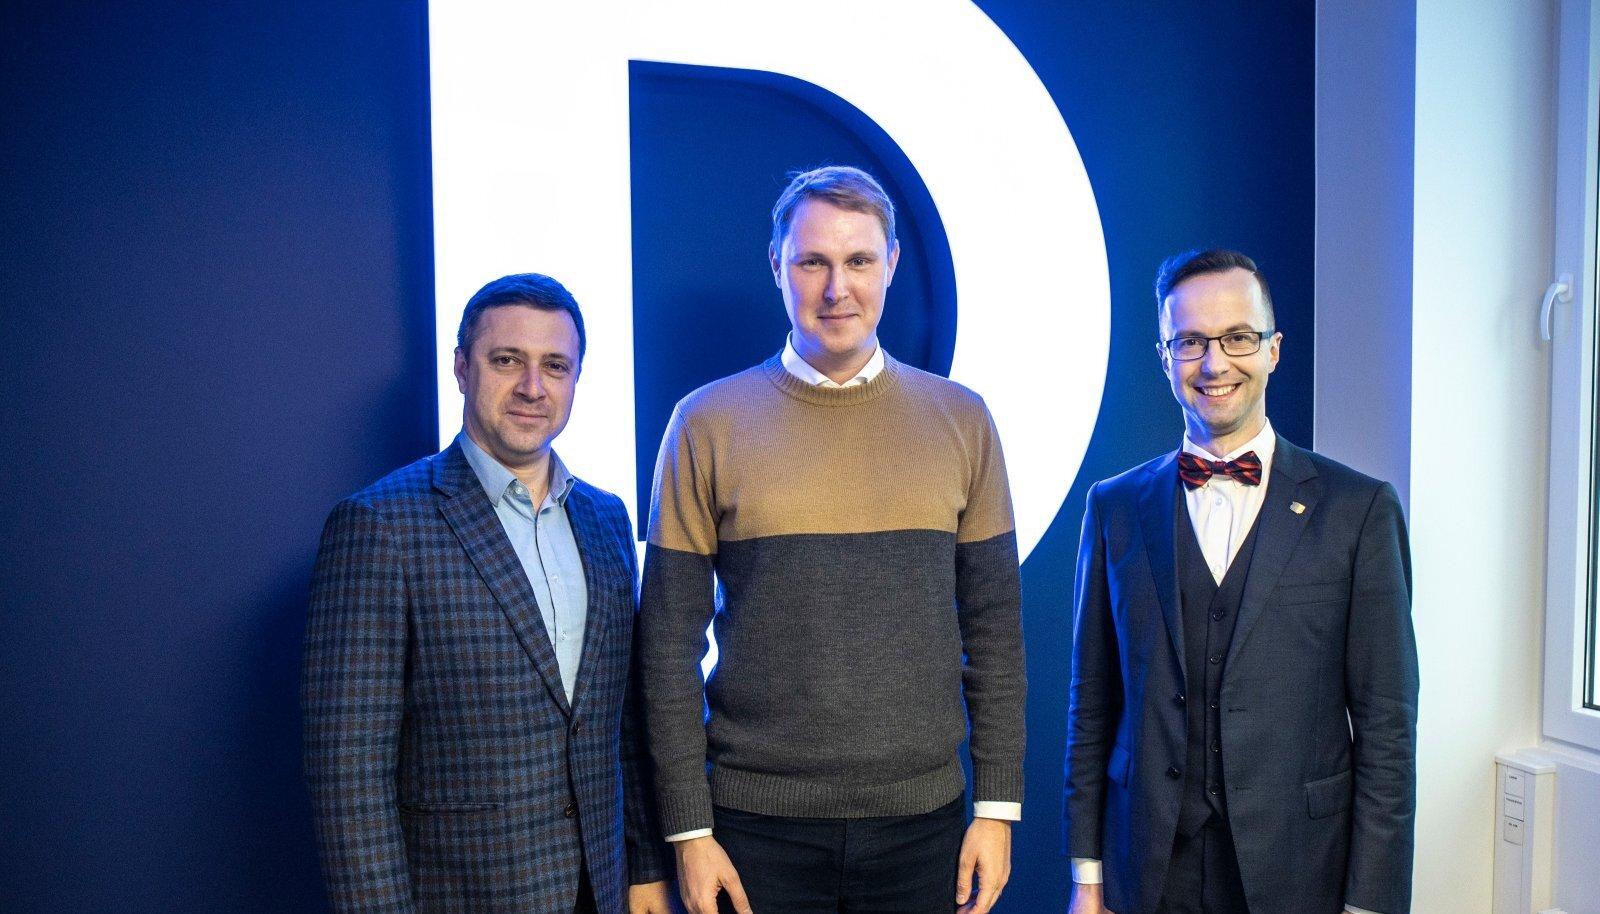 Вадим Белобровцев (ЦП), Раймонд Кальюлайд (Социал-демократы) и Евгений Криштафович (Партия реформ) в студии RusDelfi.